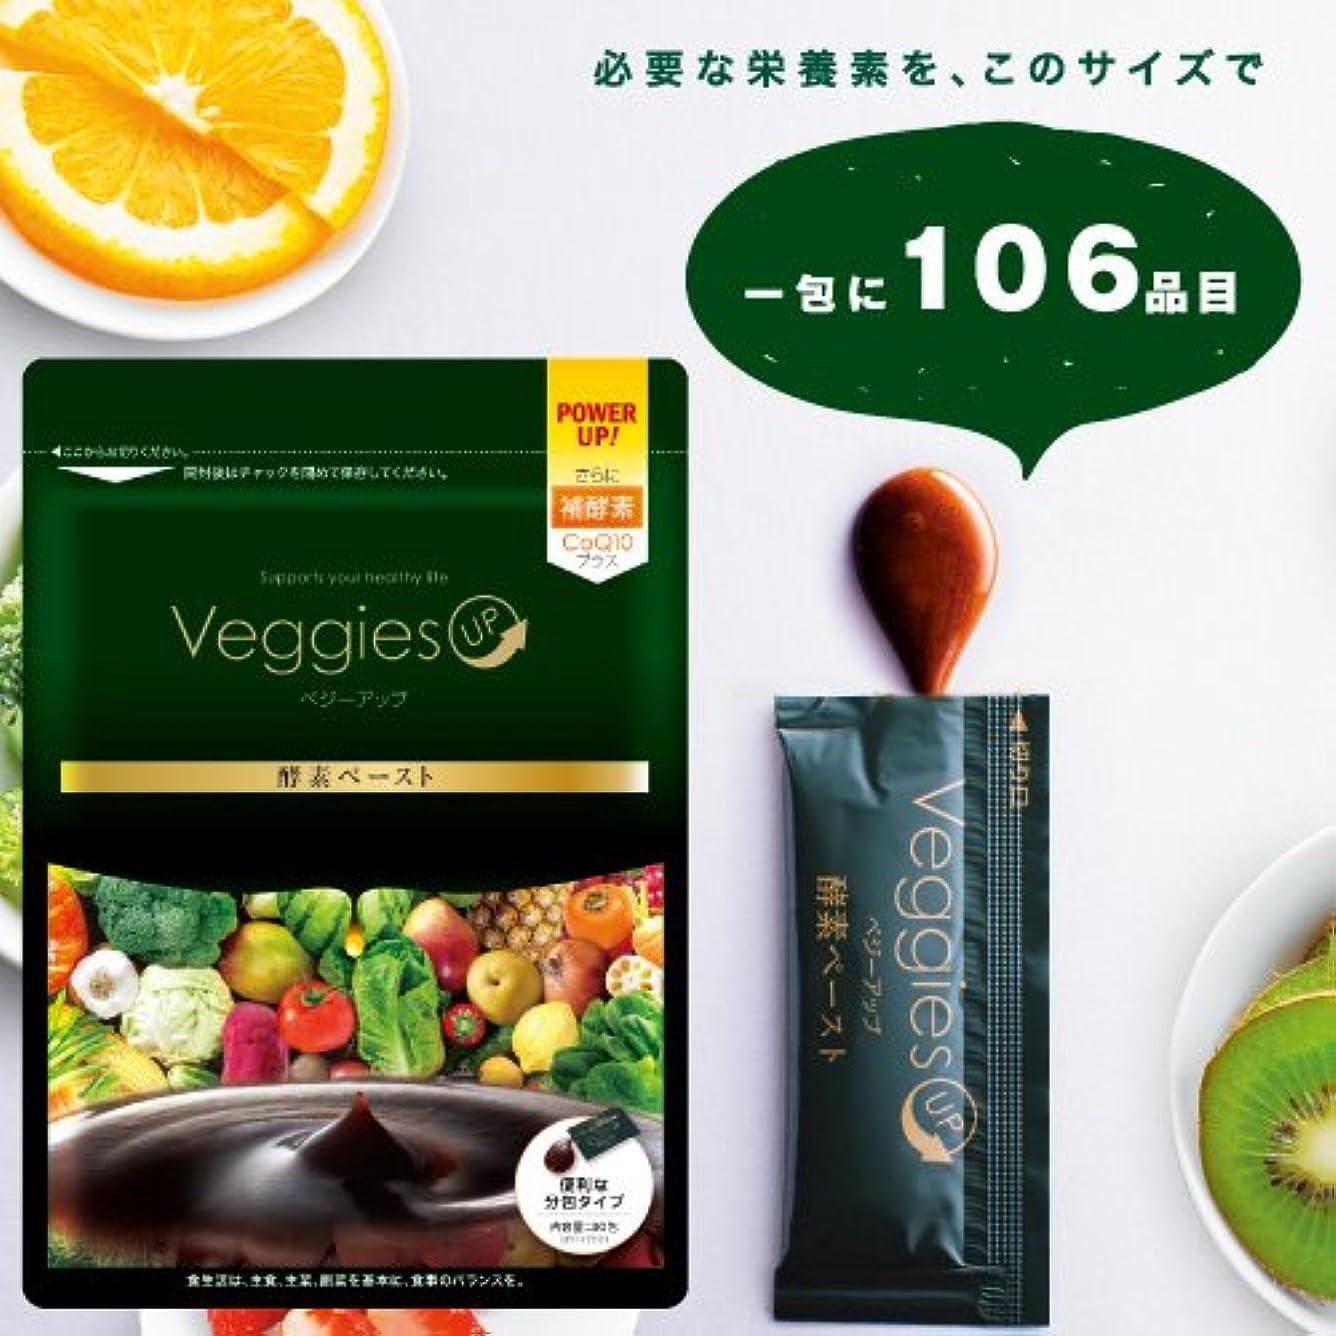 軍艦宴会でもベジーアップ酵素ペースト 90g [3g×30包] ダイエット オリゴ糖 イヌリン コエンザイムQ10 黒ウコン 健康